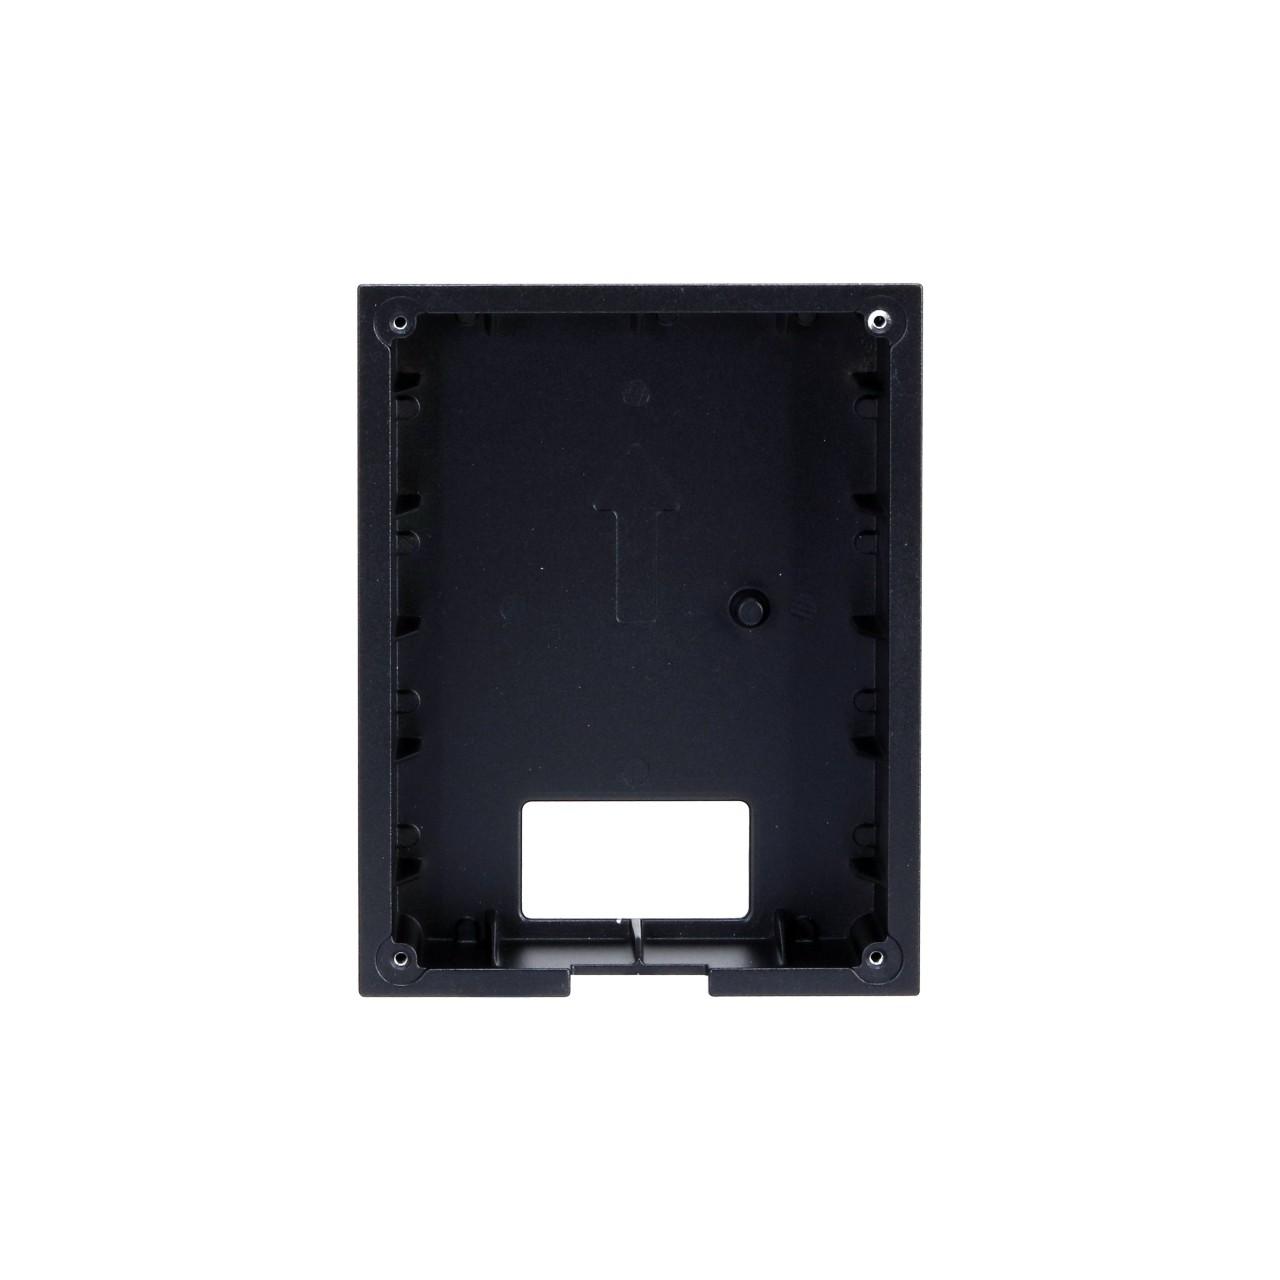 TURM IP Video Türsprechanlage Unterputz Einbaurahmen für die EFH Außenstation VT-AS02-K1